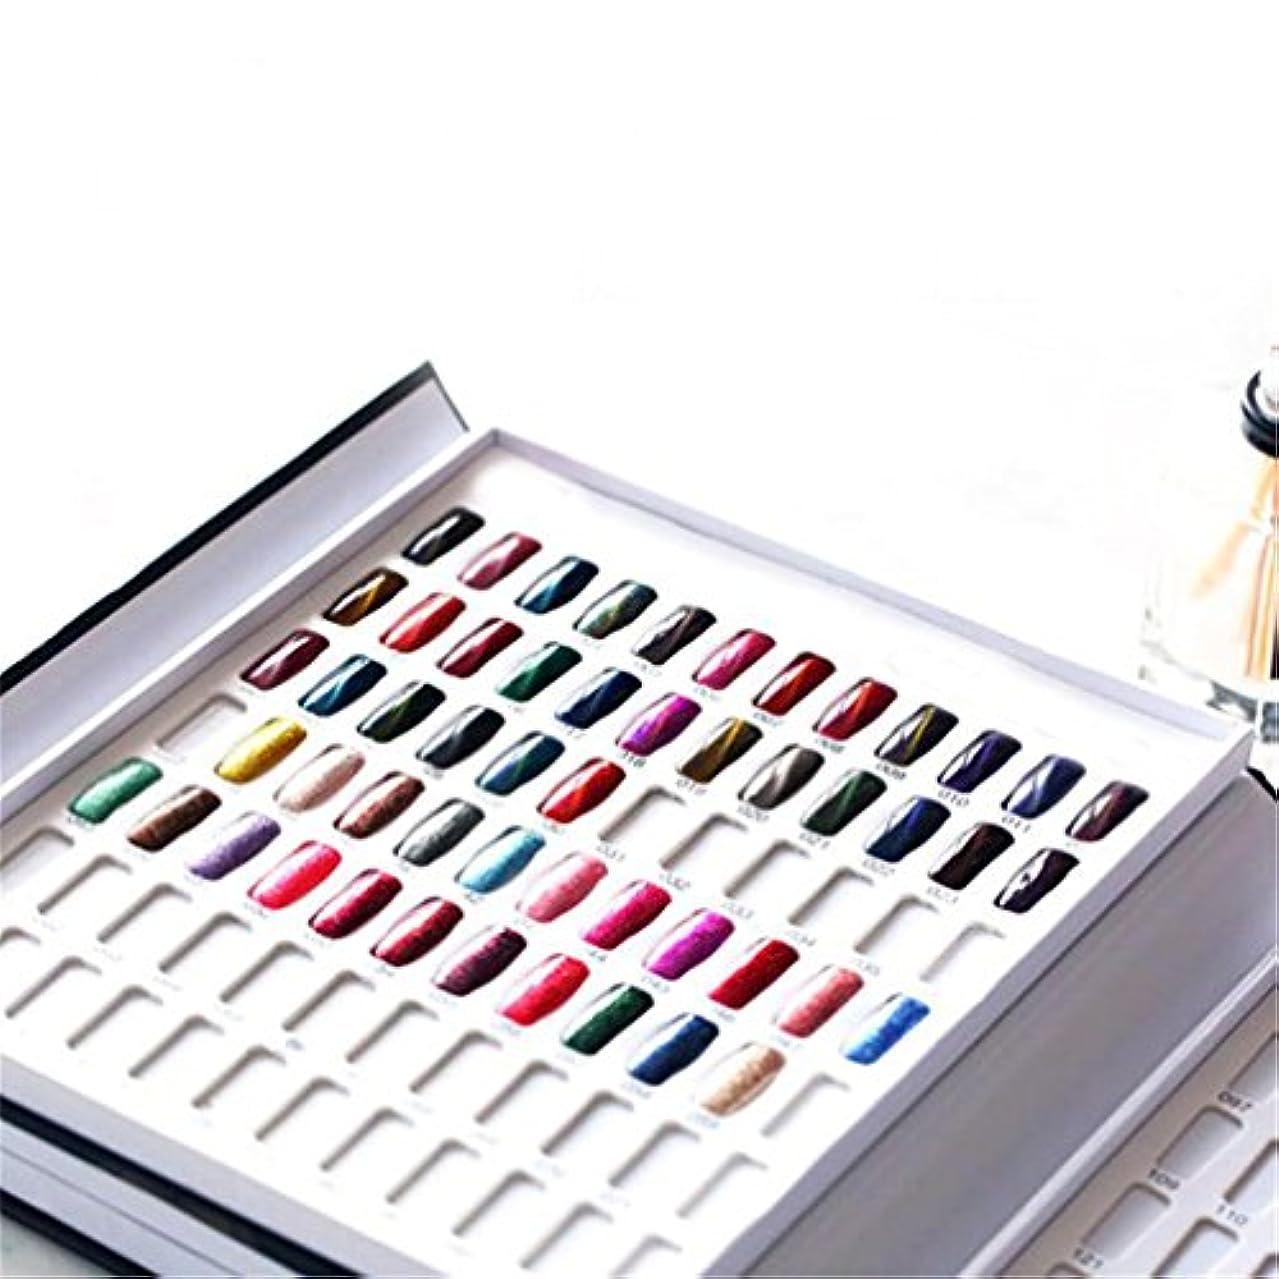 ケープタックルバブルLJSLYJ 120色 シンプルでスタイリッシュ サンプル帳 カラーチャート ブック ネイルマニキュアカラー色見本 ネイルジェルカードボックス,鳥の花柄